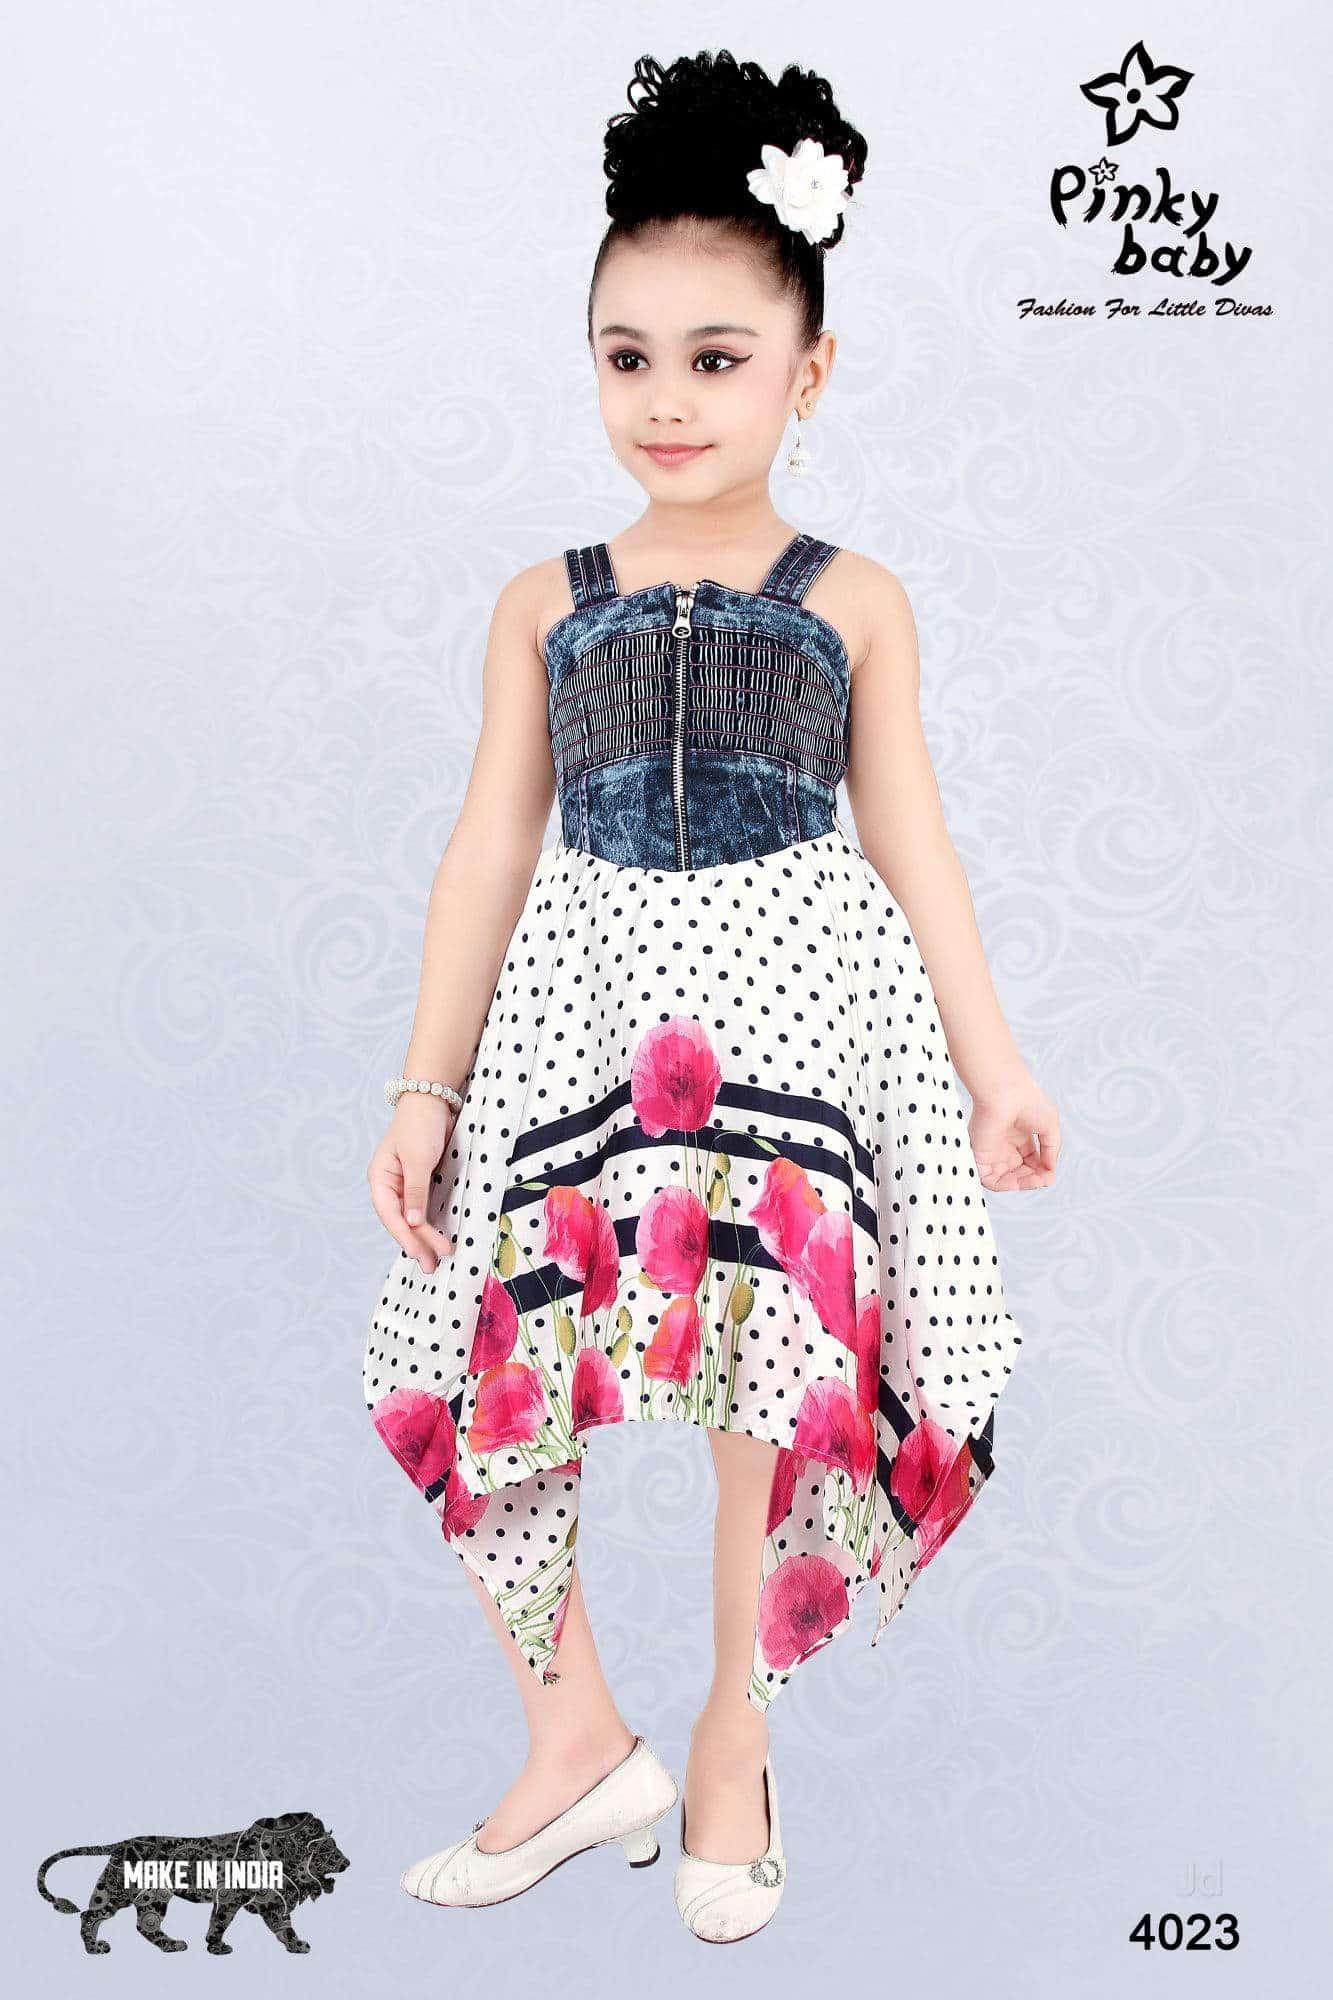 Pinky Baby India s Borivali East Mumbai &